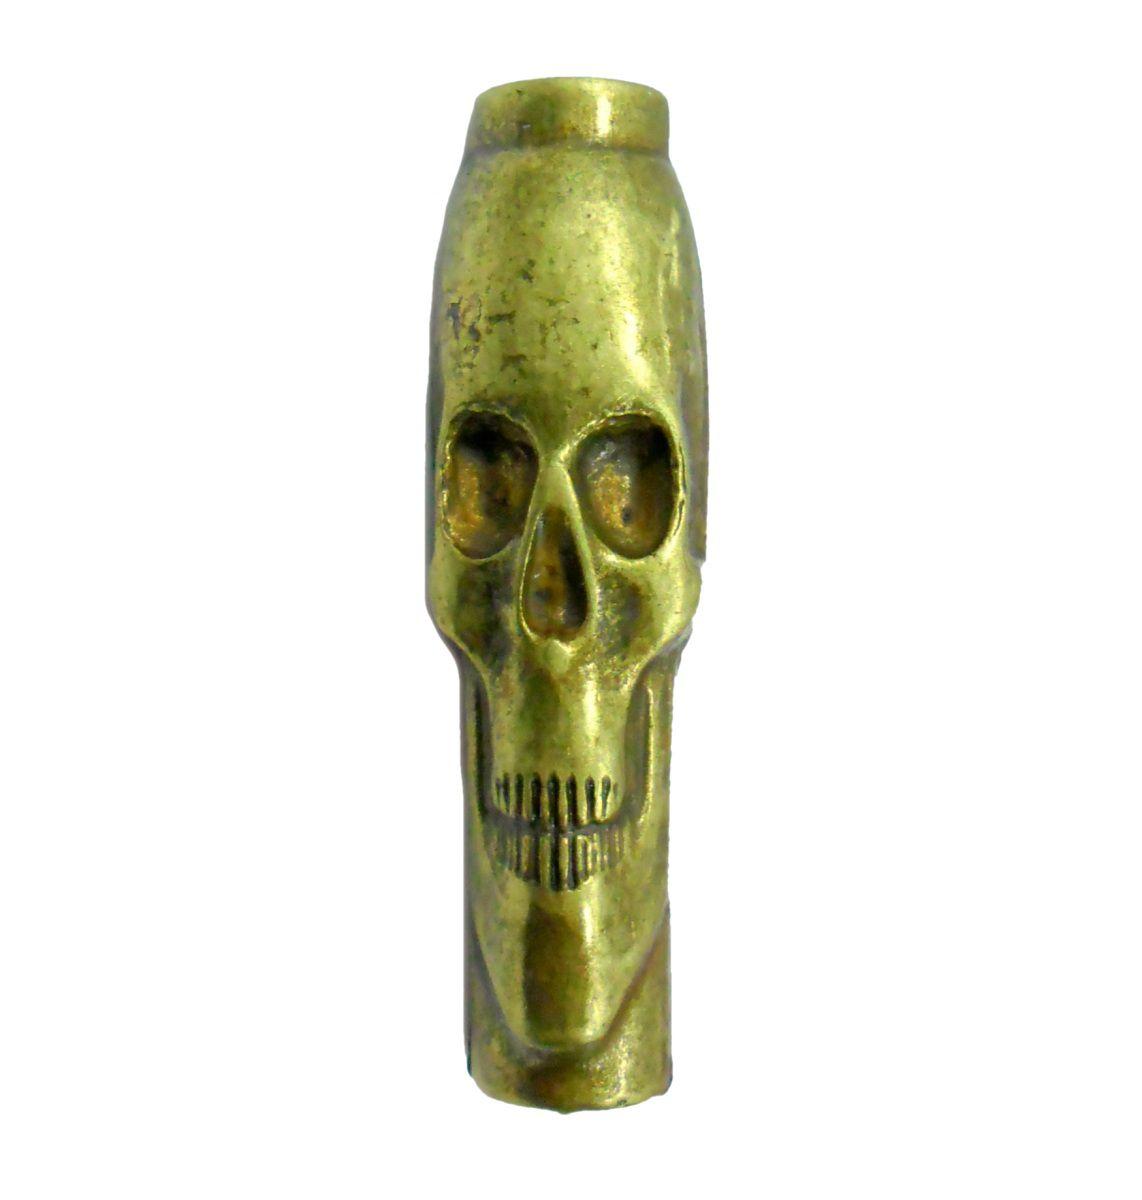 Piteira para cigarro/seda em metal MARICA, decorada com desenhos em relevo.